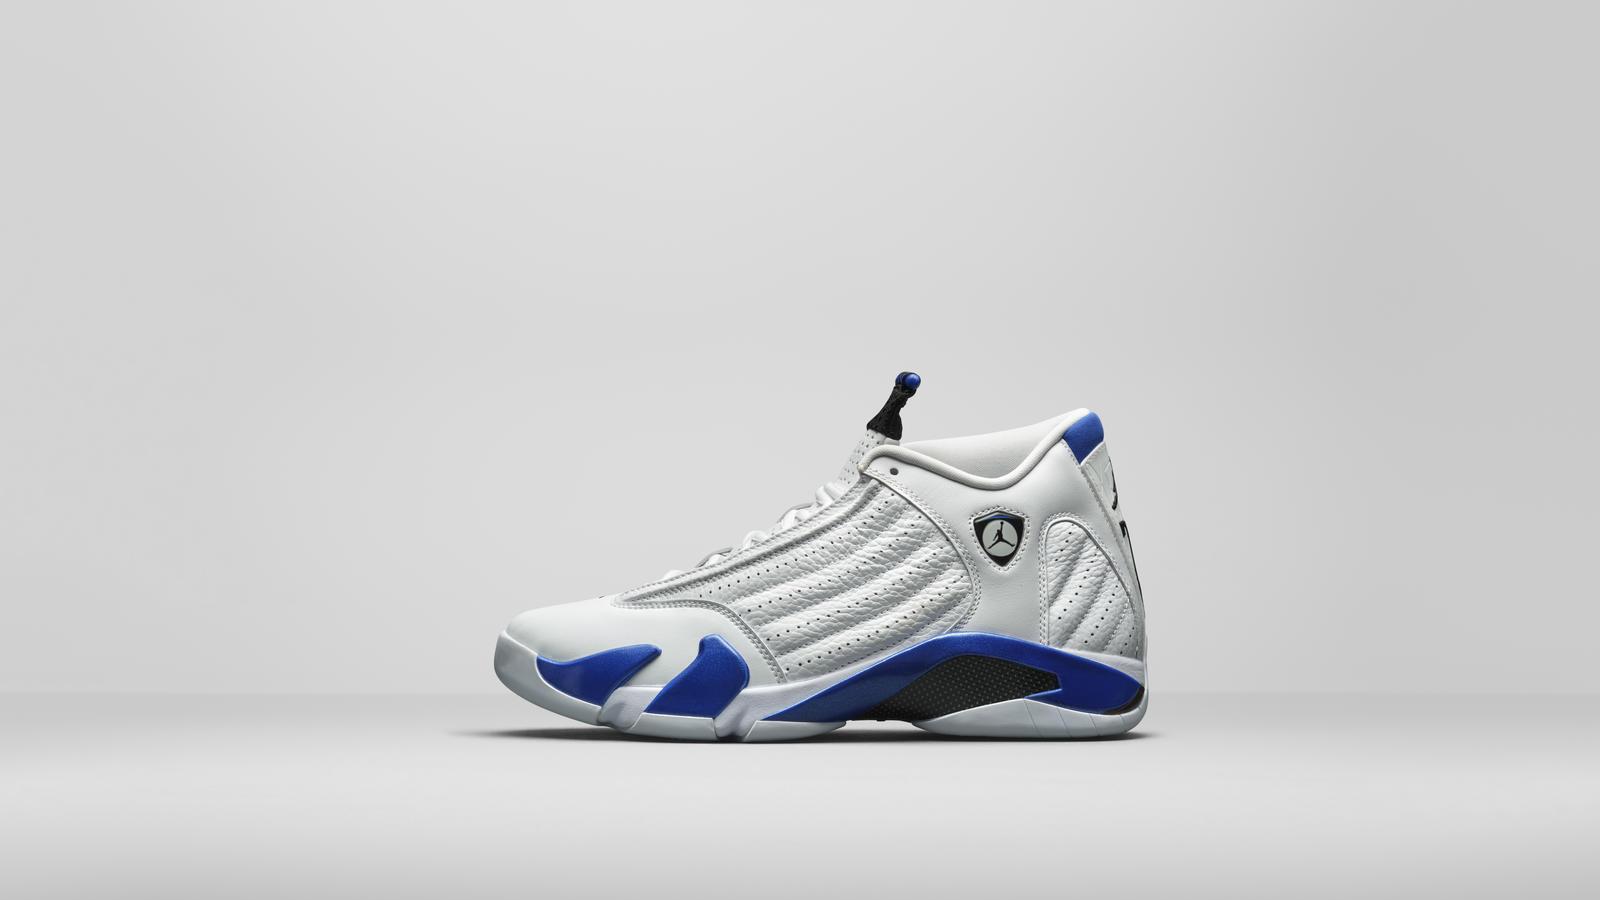 Jordan Brand Fall 2020 Releases 12